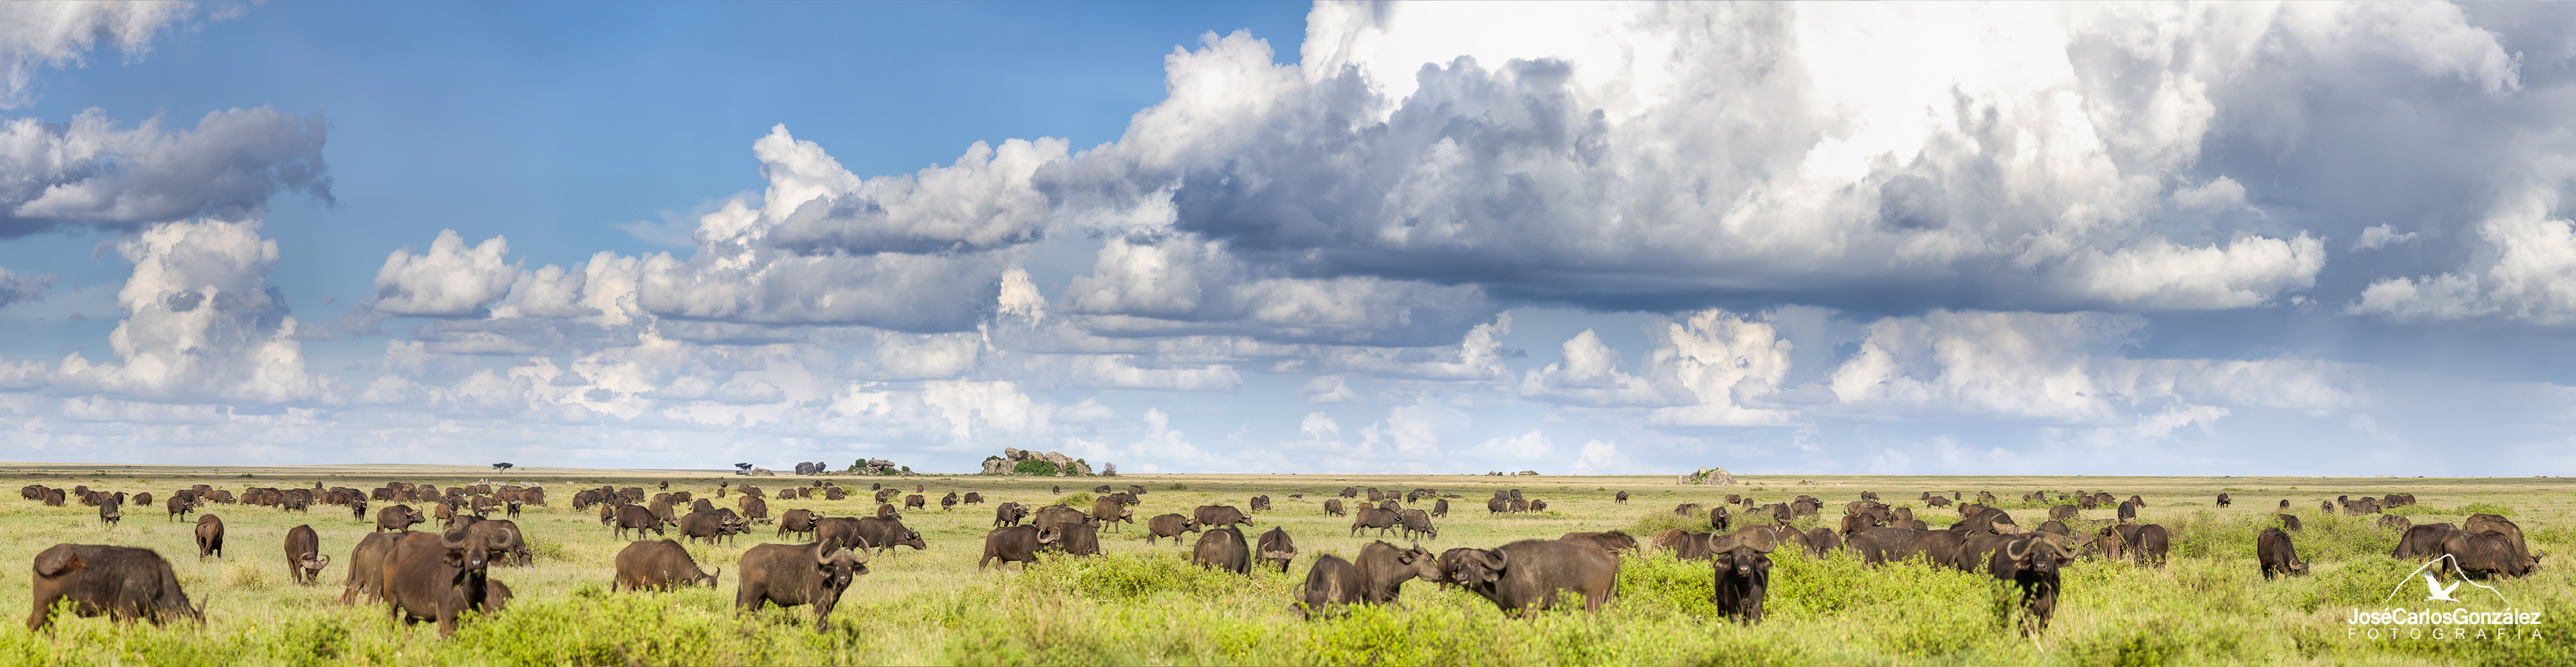 Serengeti - Manada de búfalos